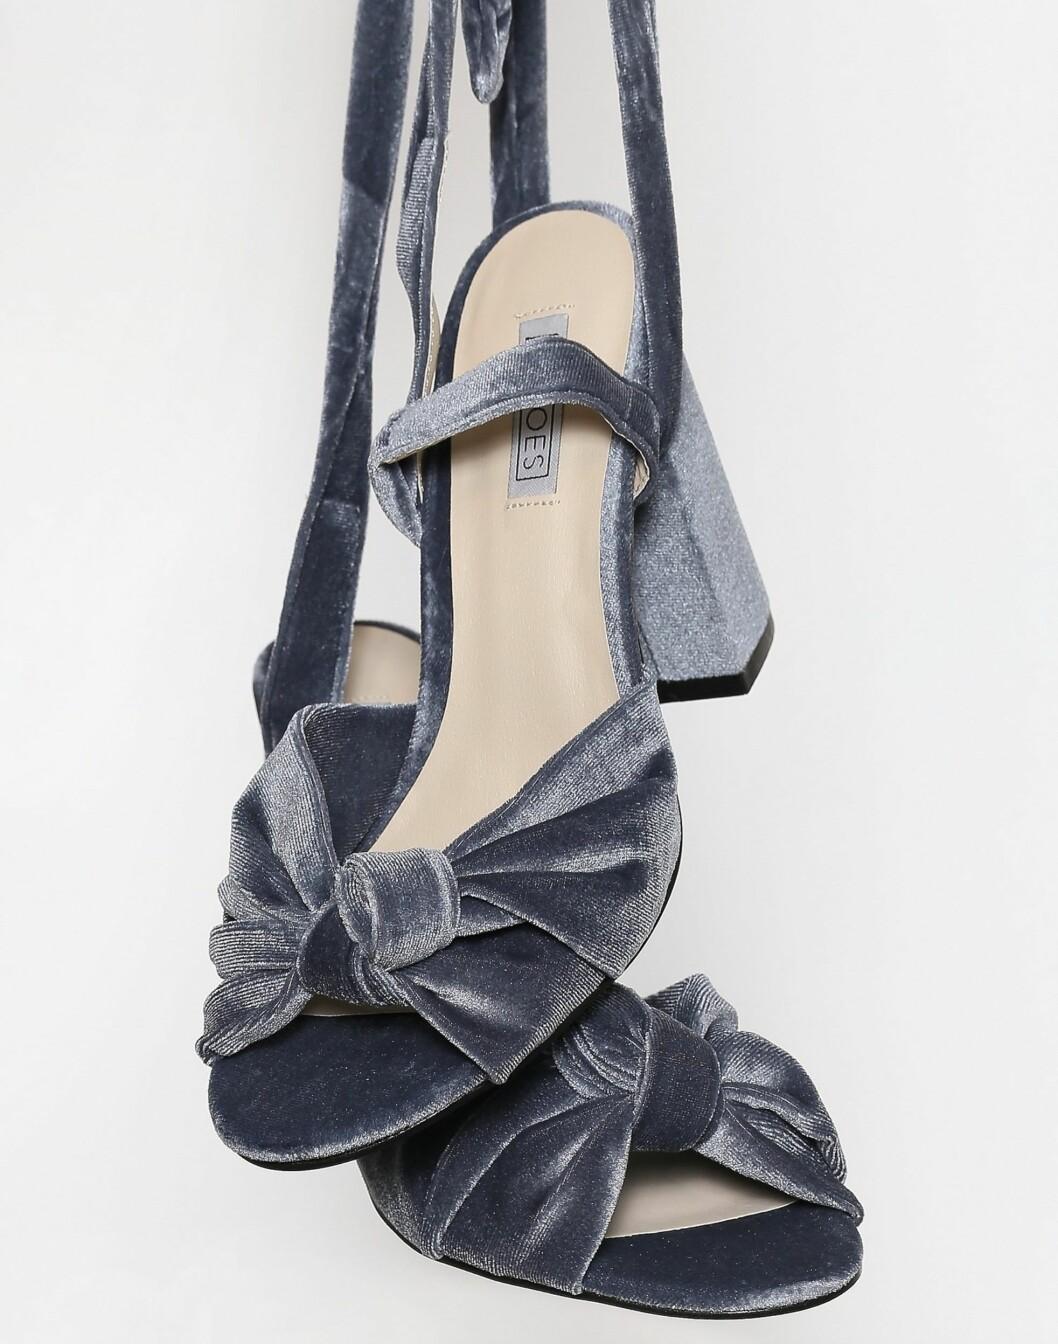 <strong>Sko fra Nelly  399,-  https:</strong>//nelly.com/no/kl%C3%A6r-til-kvinner/sko/heels/nly-shoes-427/velvet-lace-heel-sandal-421176-0086/